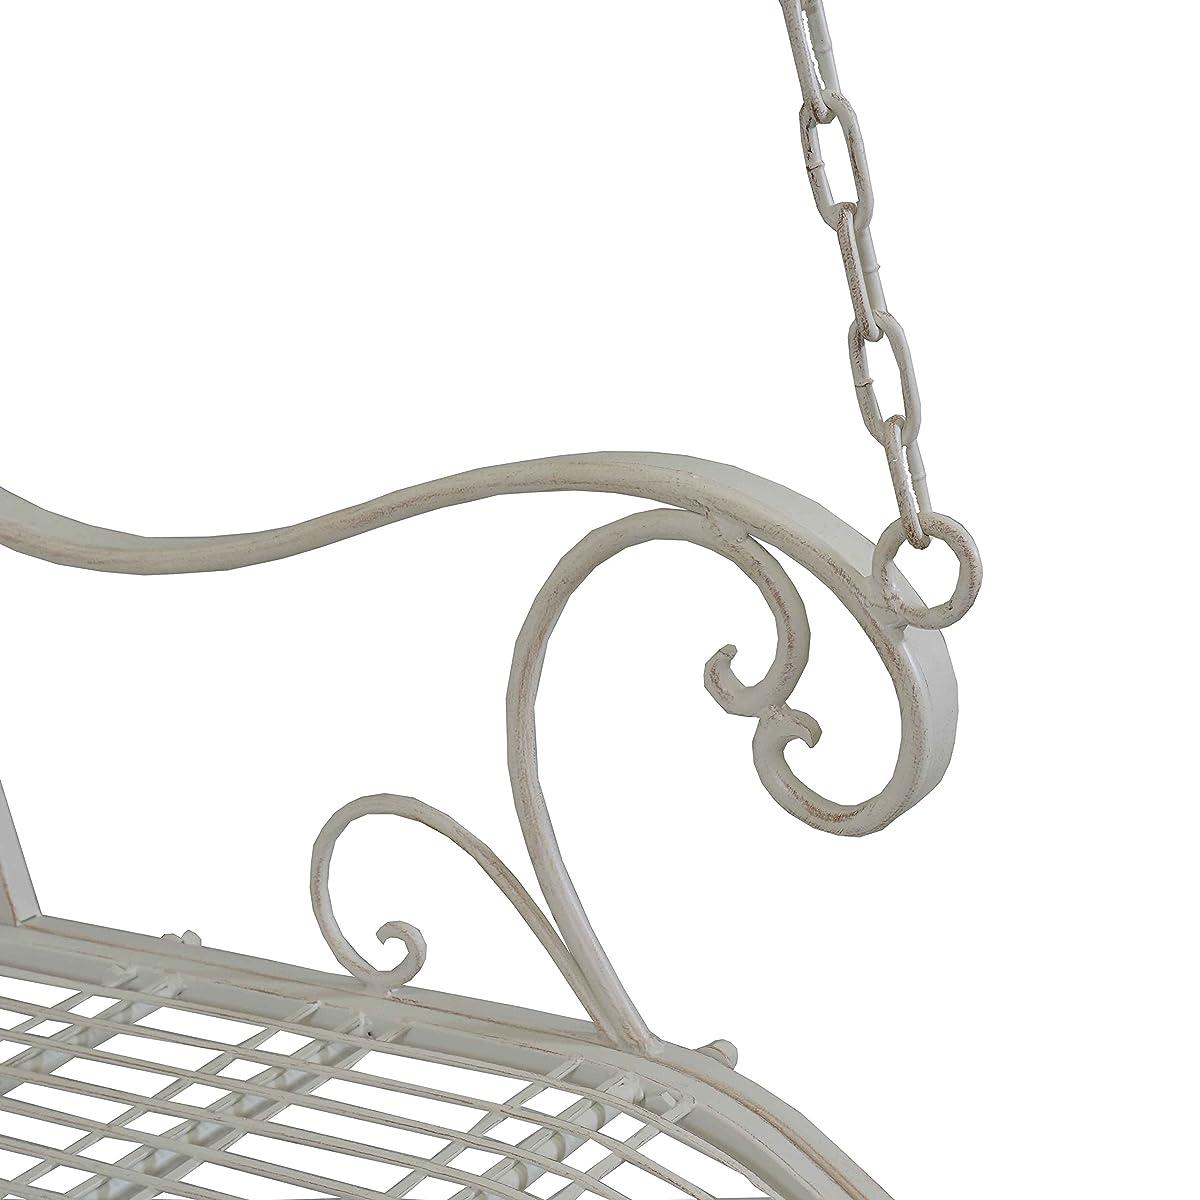 Titan Outdoor Antique Metal Porch Swing Bench Patio Garden Deck White Color